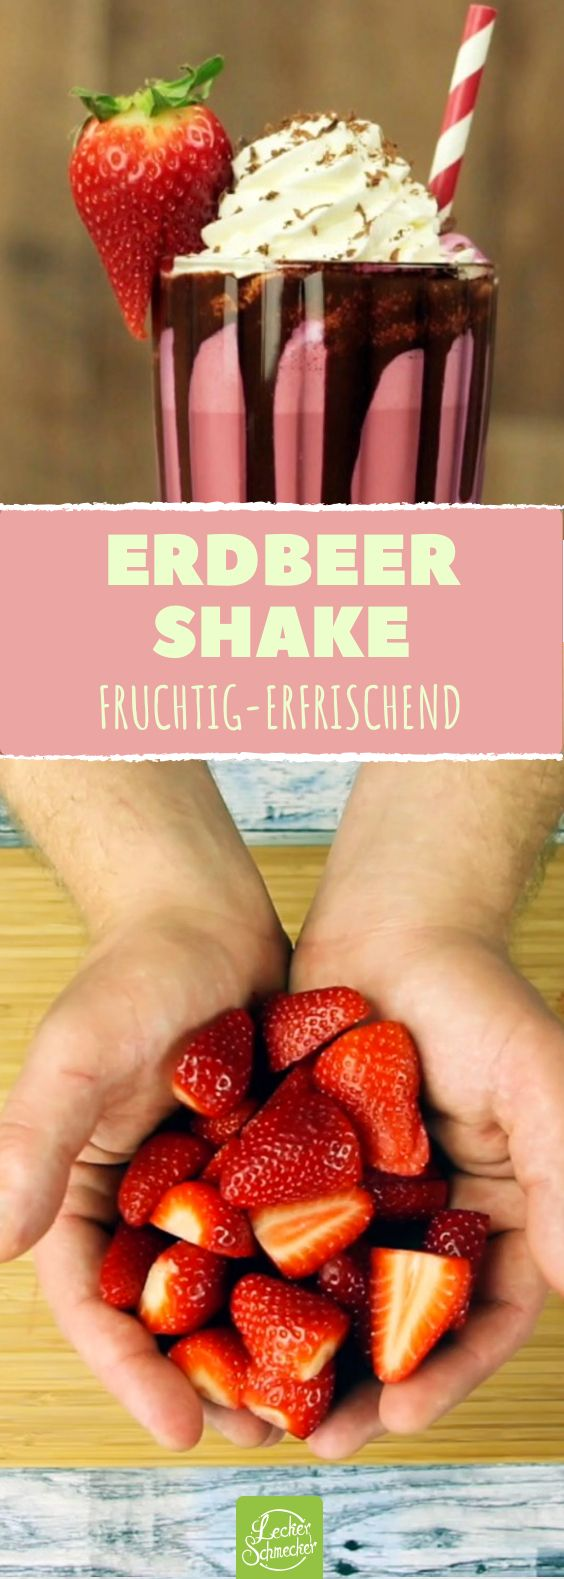 Ein Erdbeer-Milchshake-Rezept, das leicht selber zu machen ist